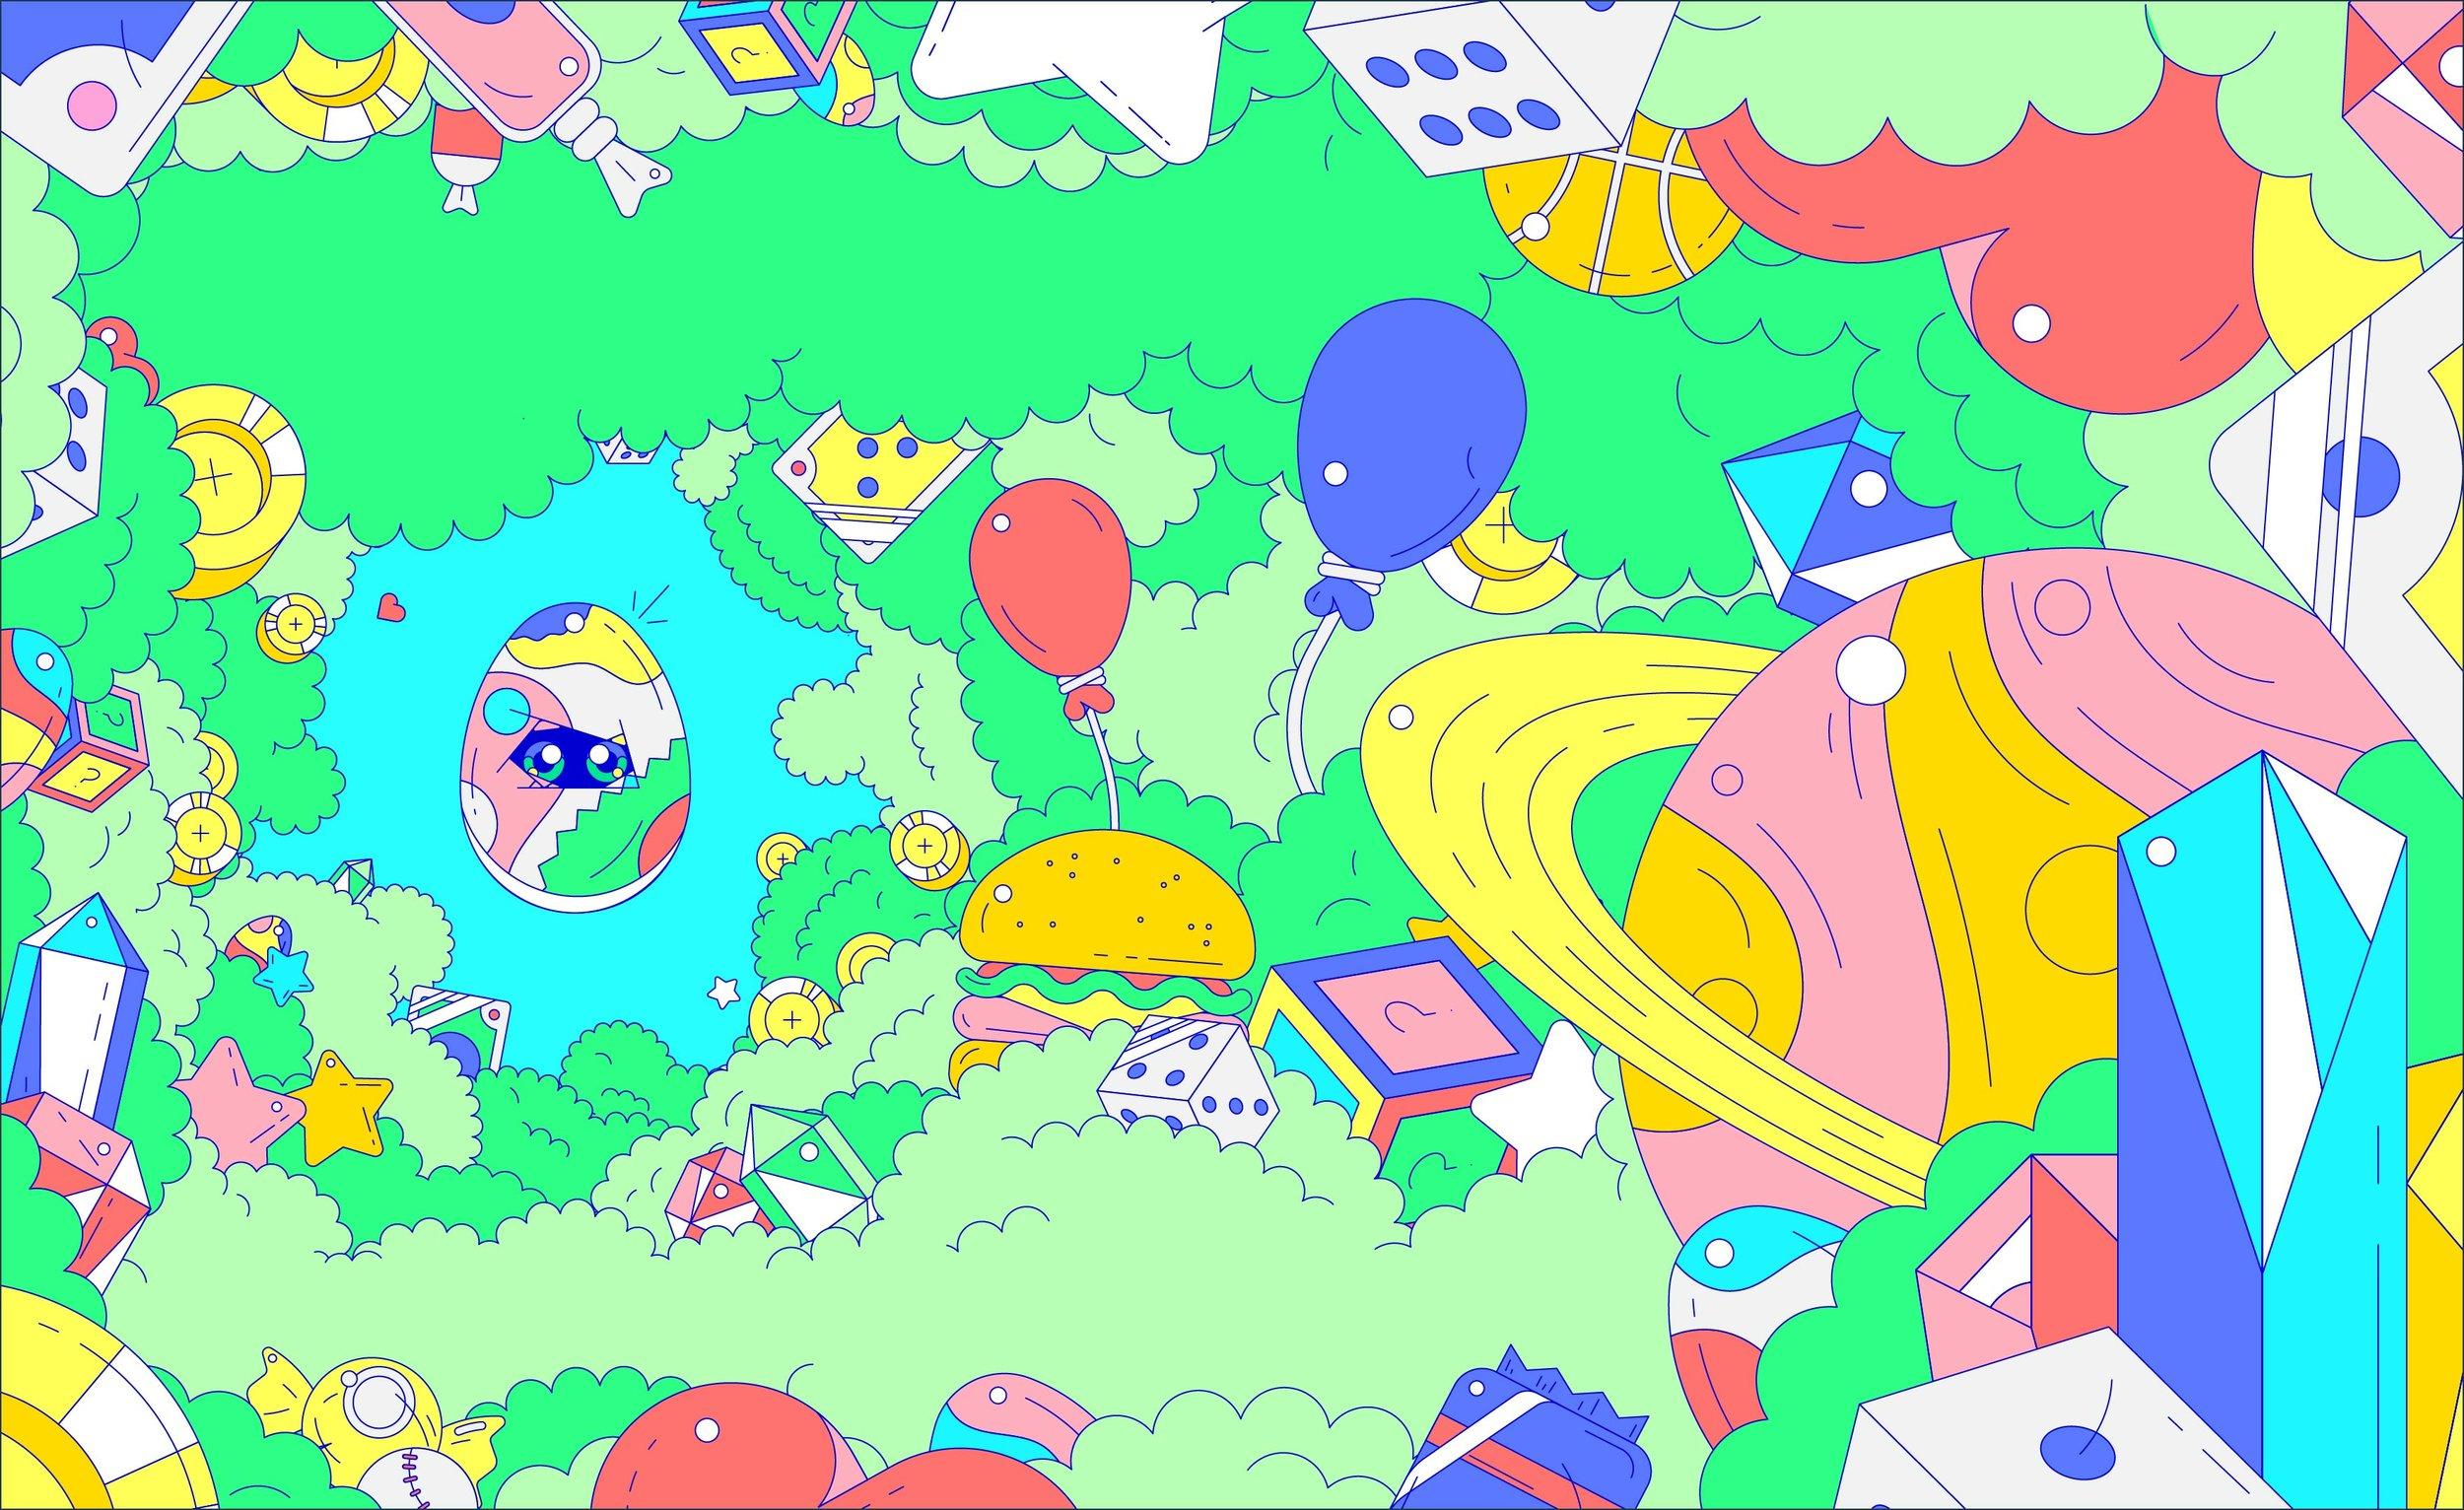 Easter_Eggs_r2-01.jpg